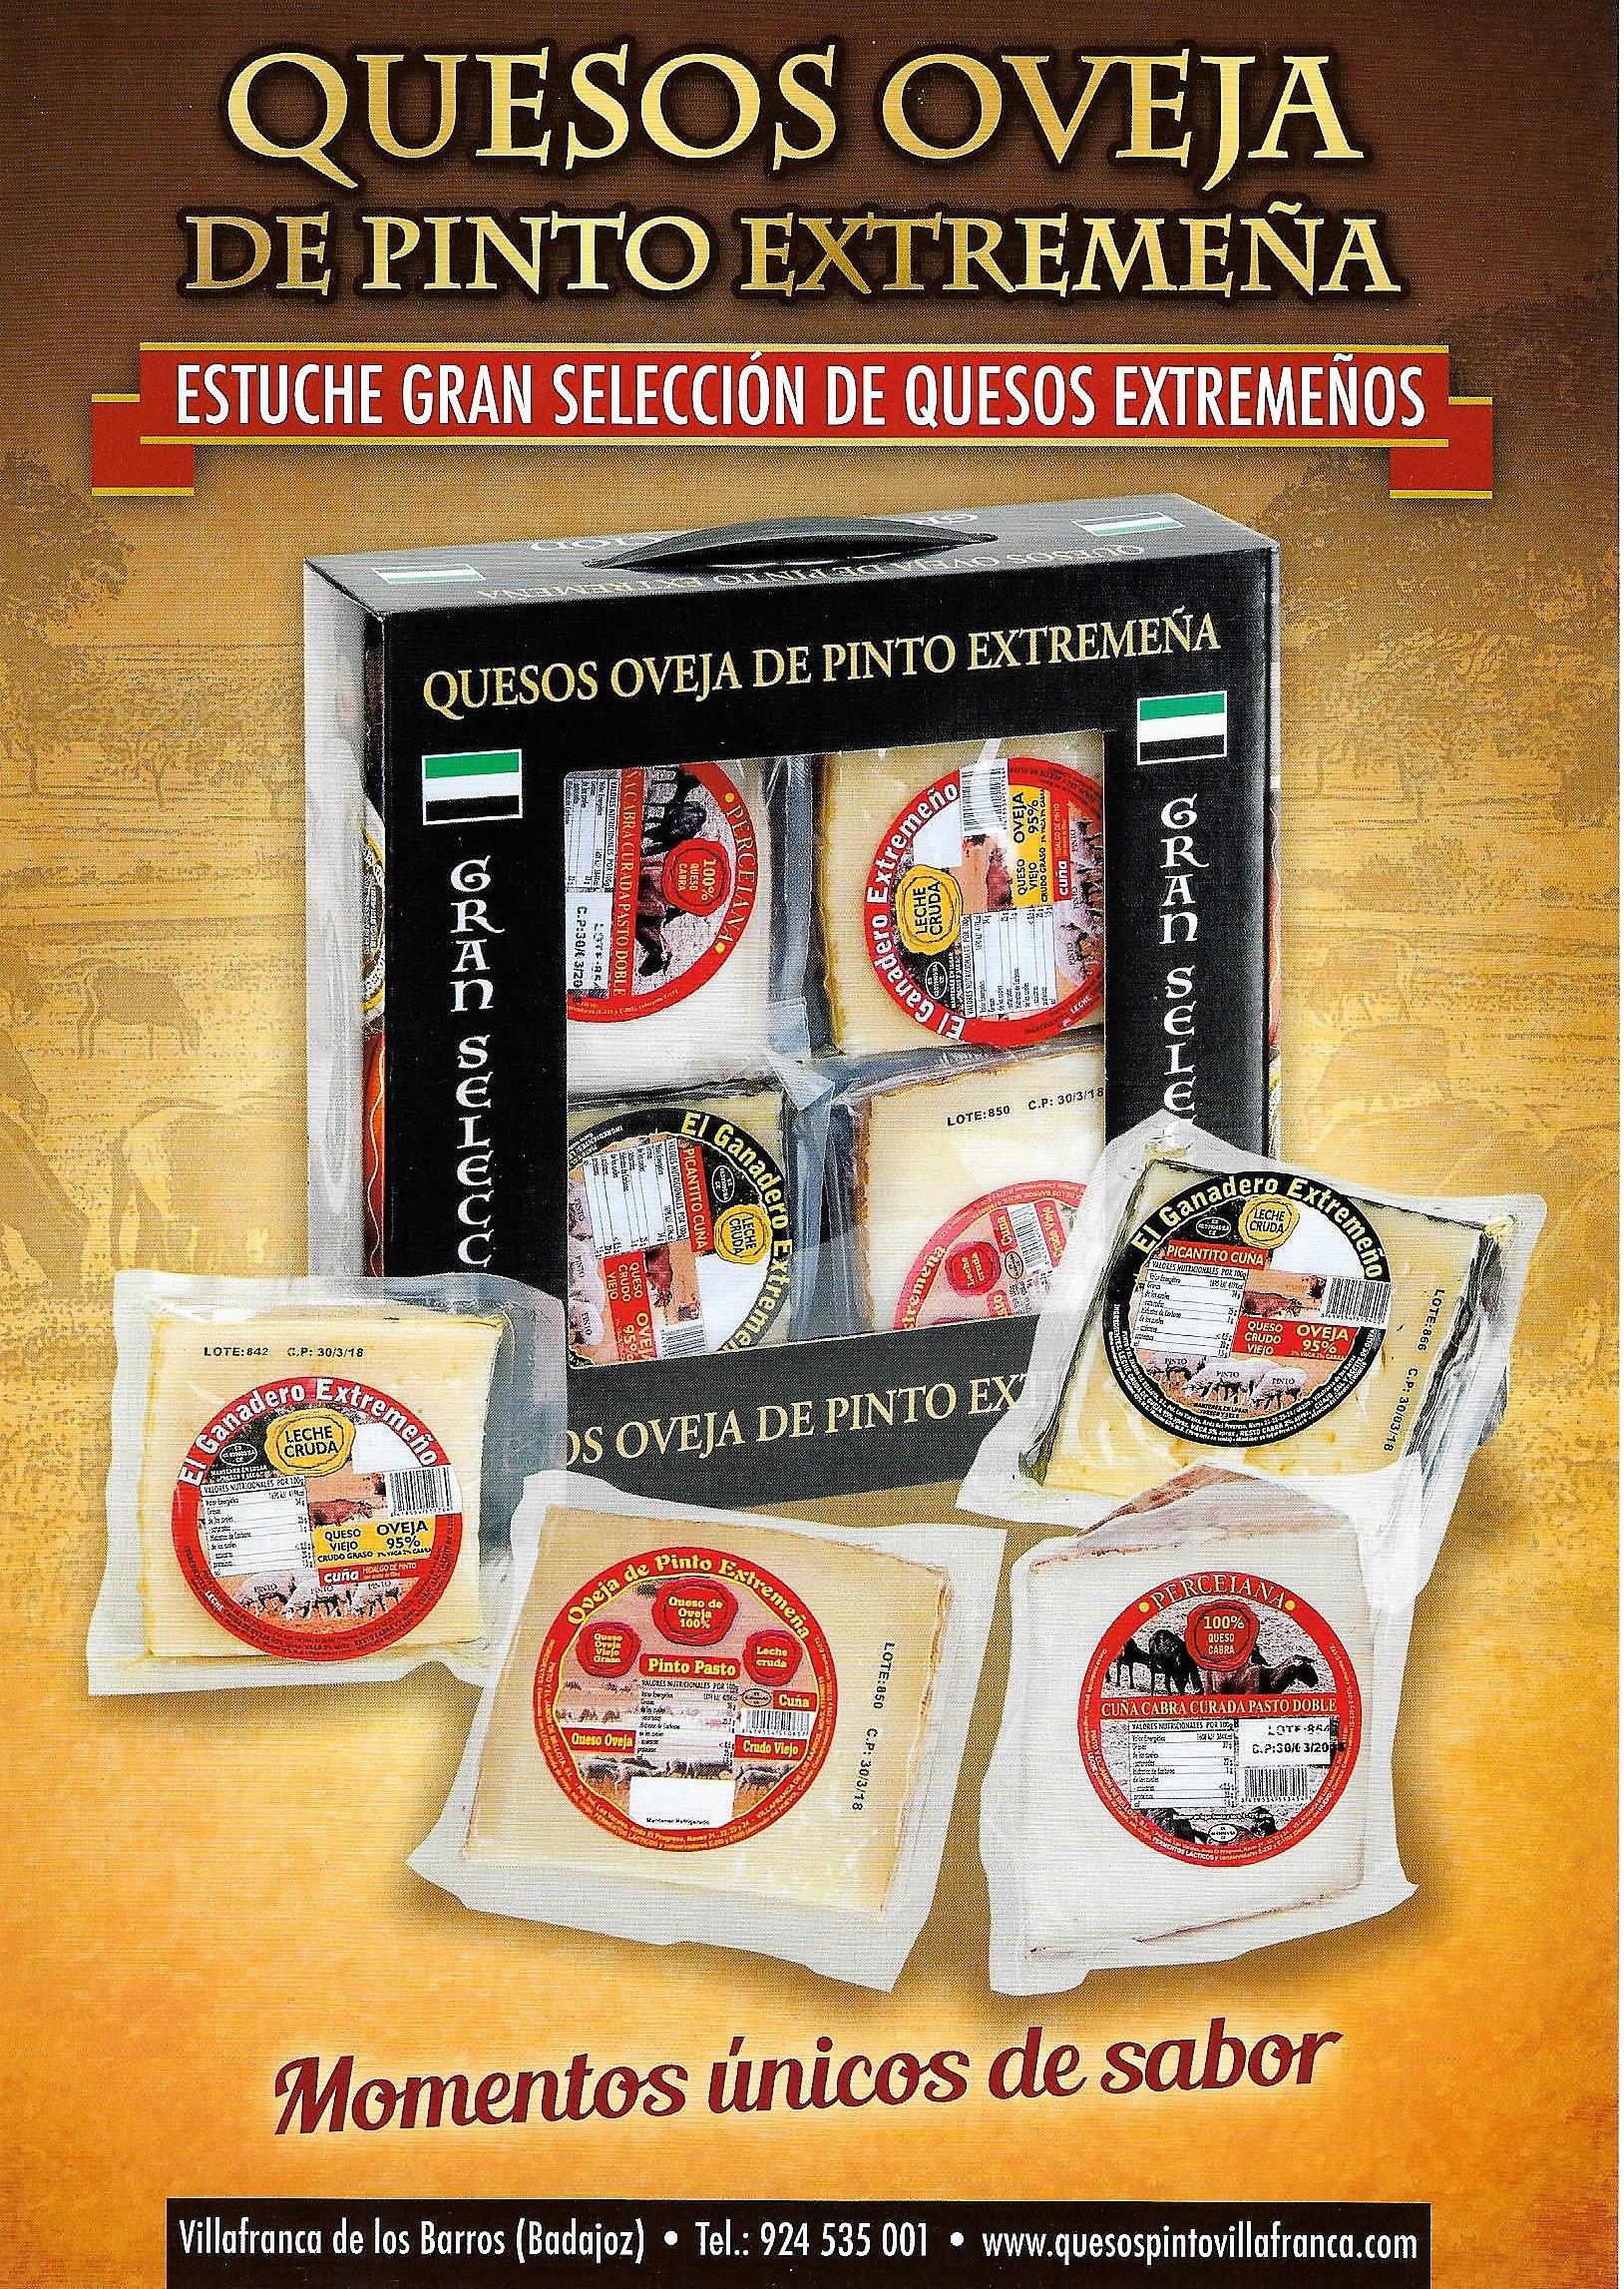 ESPAÑA DISTRIBUIDOR DE QUESOS EXTREMADURA QUESOS PINTO